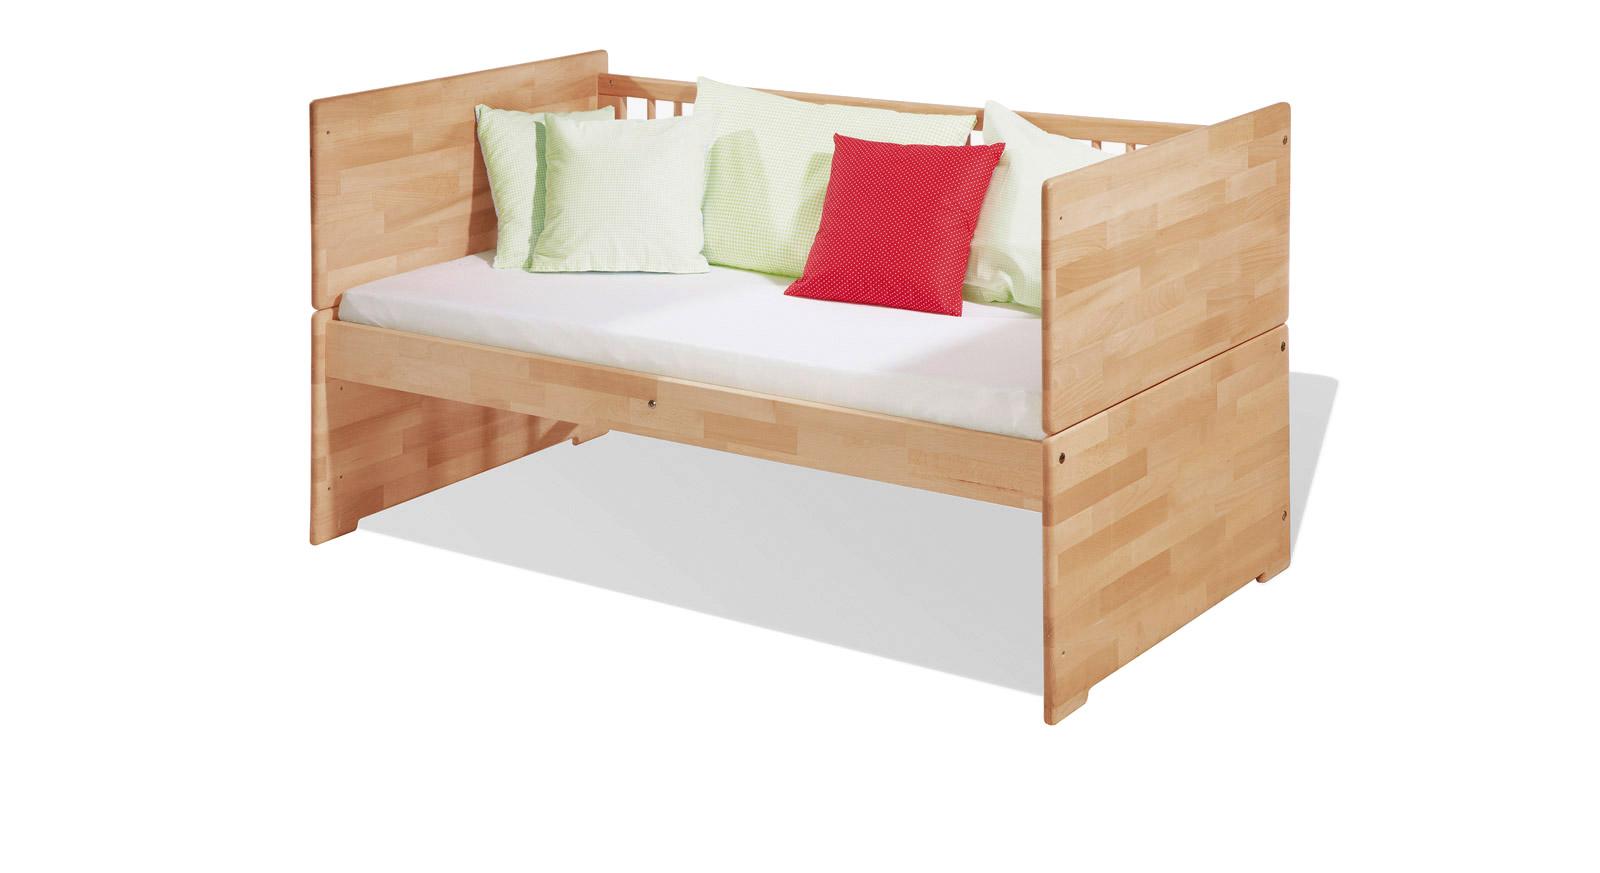 Kinderbett Laurenz umgebaut zur Bettbank